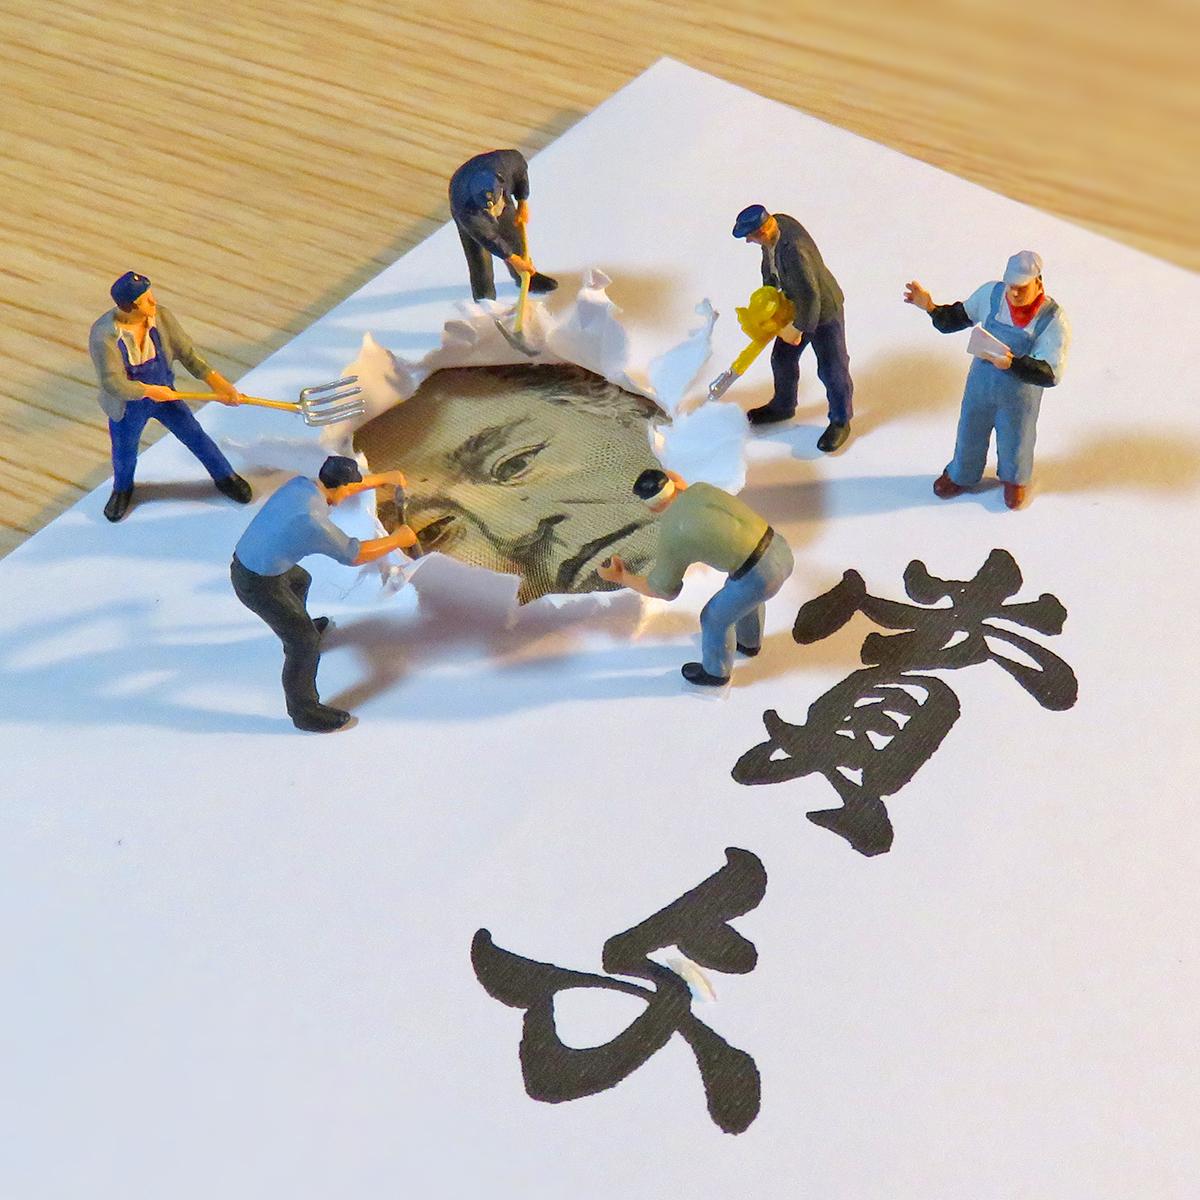 ボーナス袋から一万円を発掘する作業員